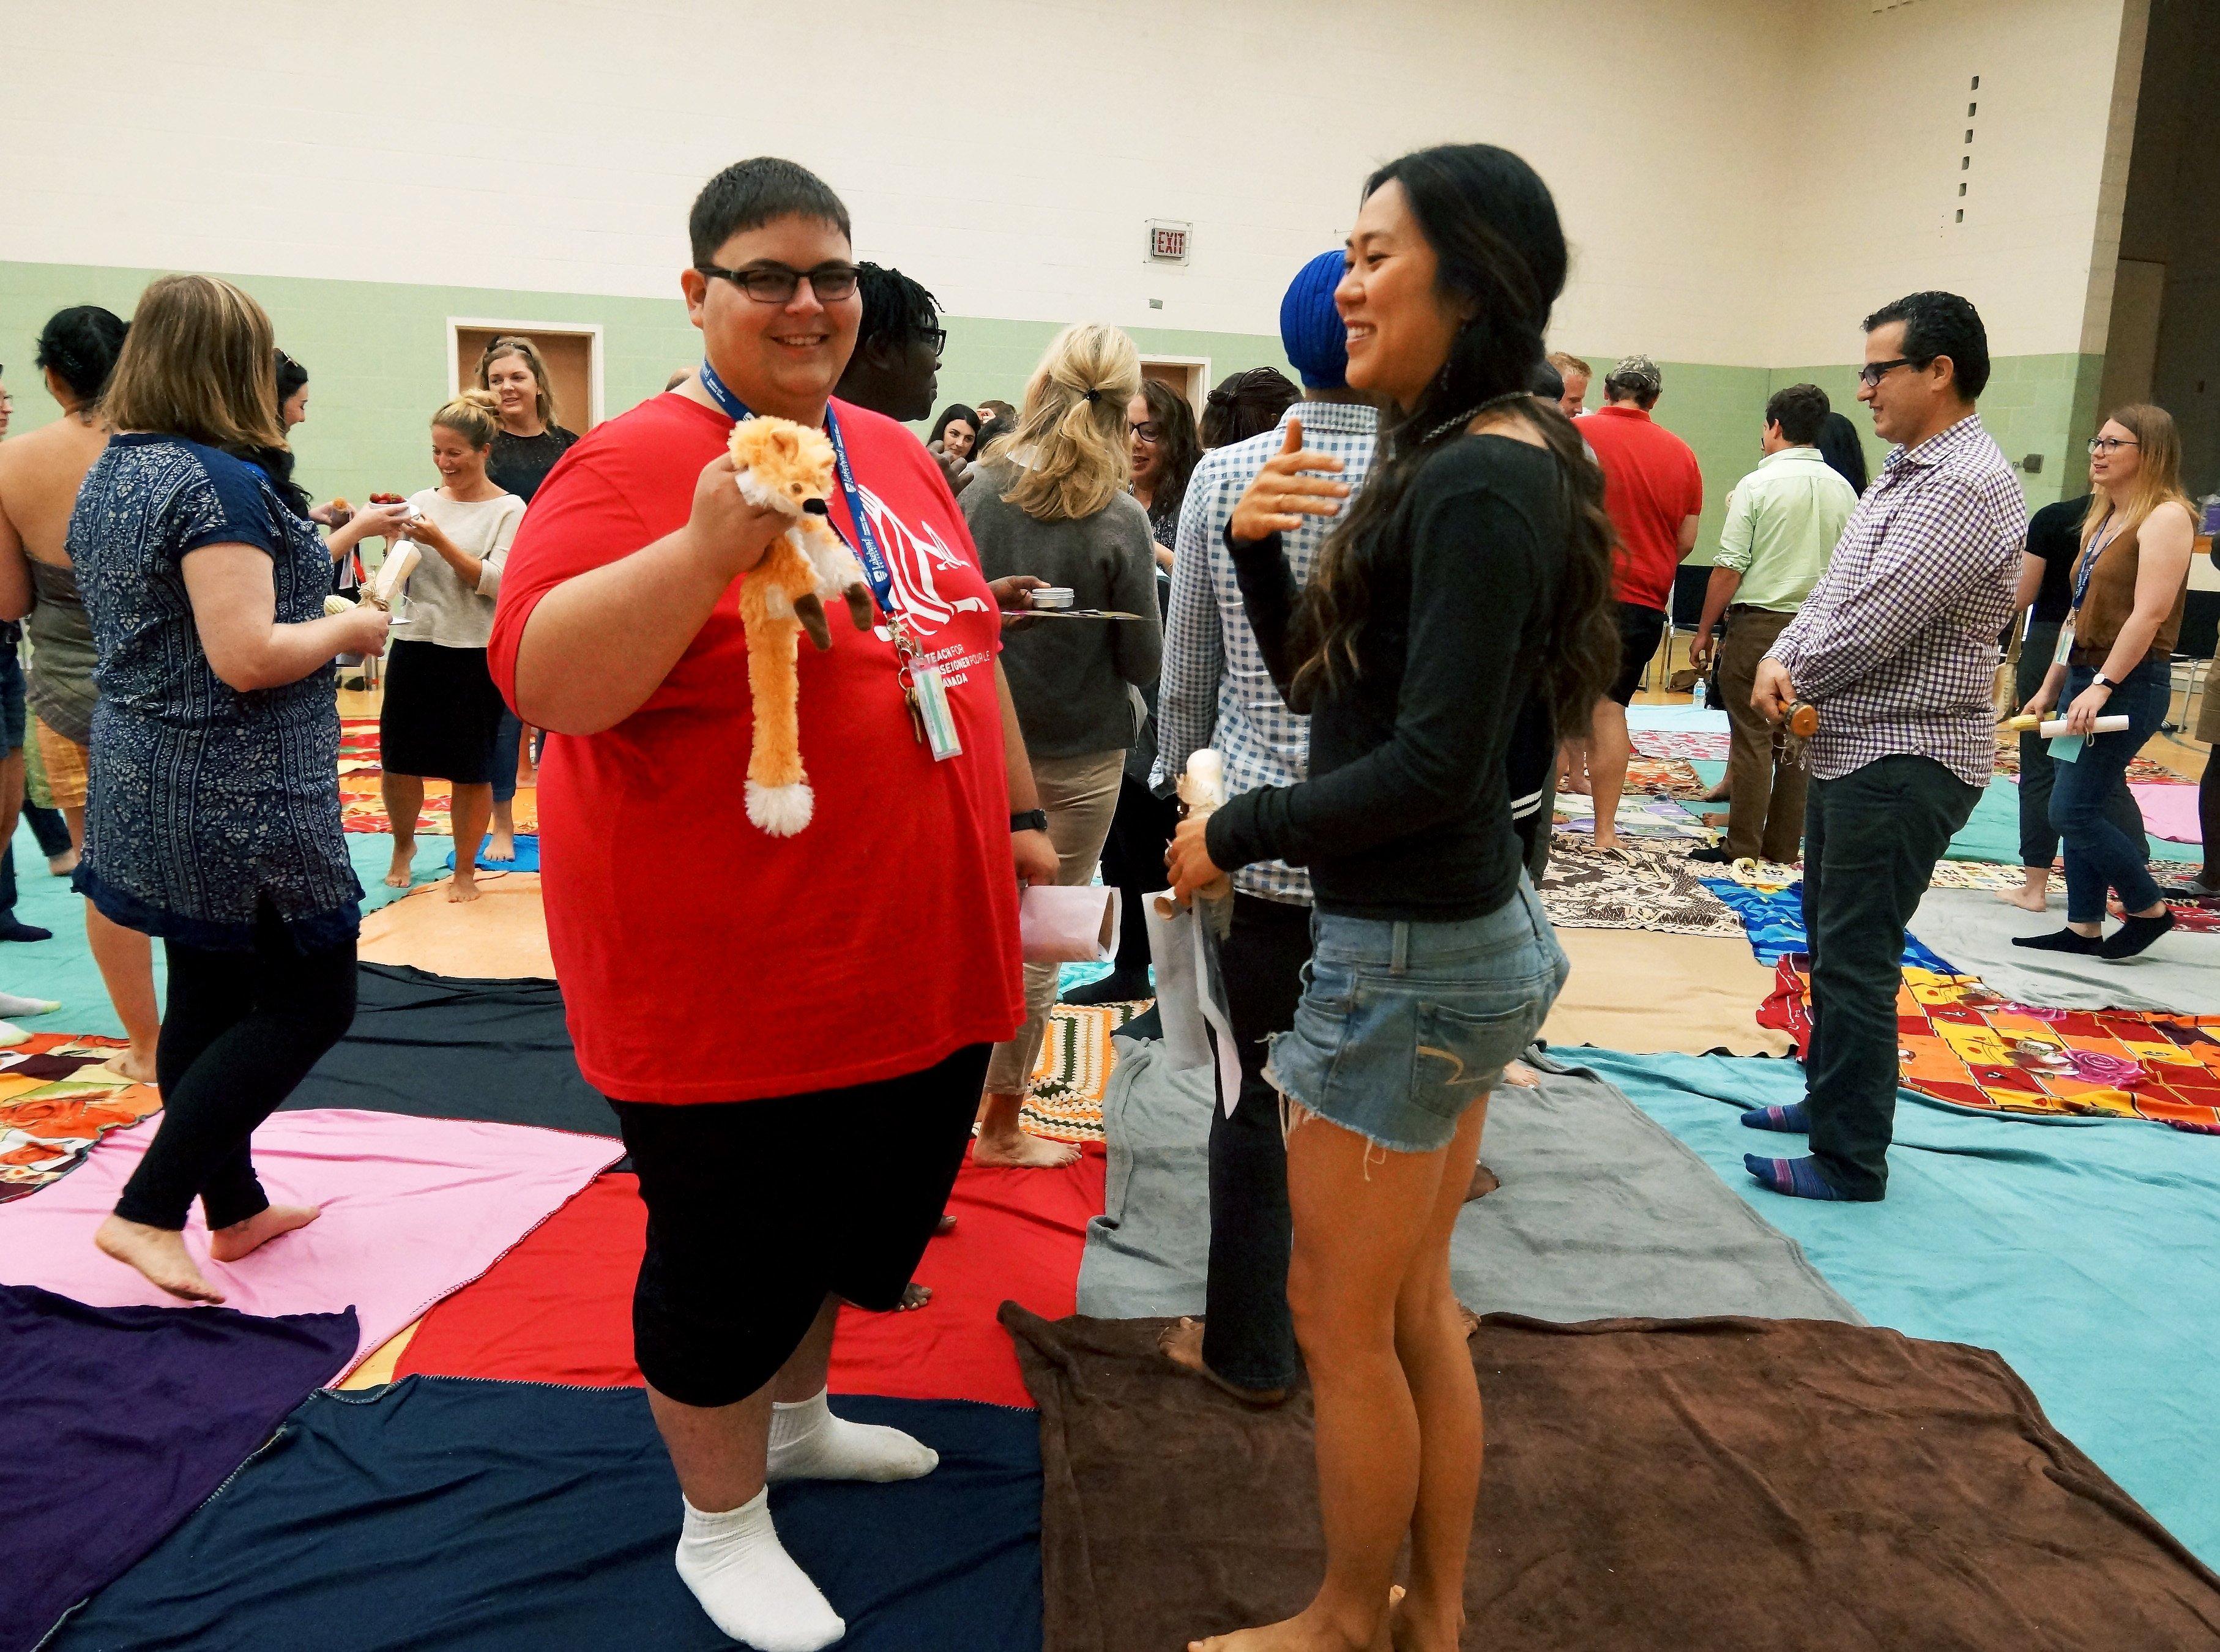 Matt Fairley during the KAIROS Blanket Exercise at the Summer Enrichment Program